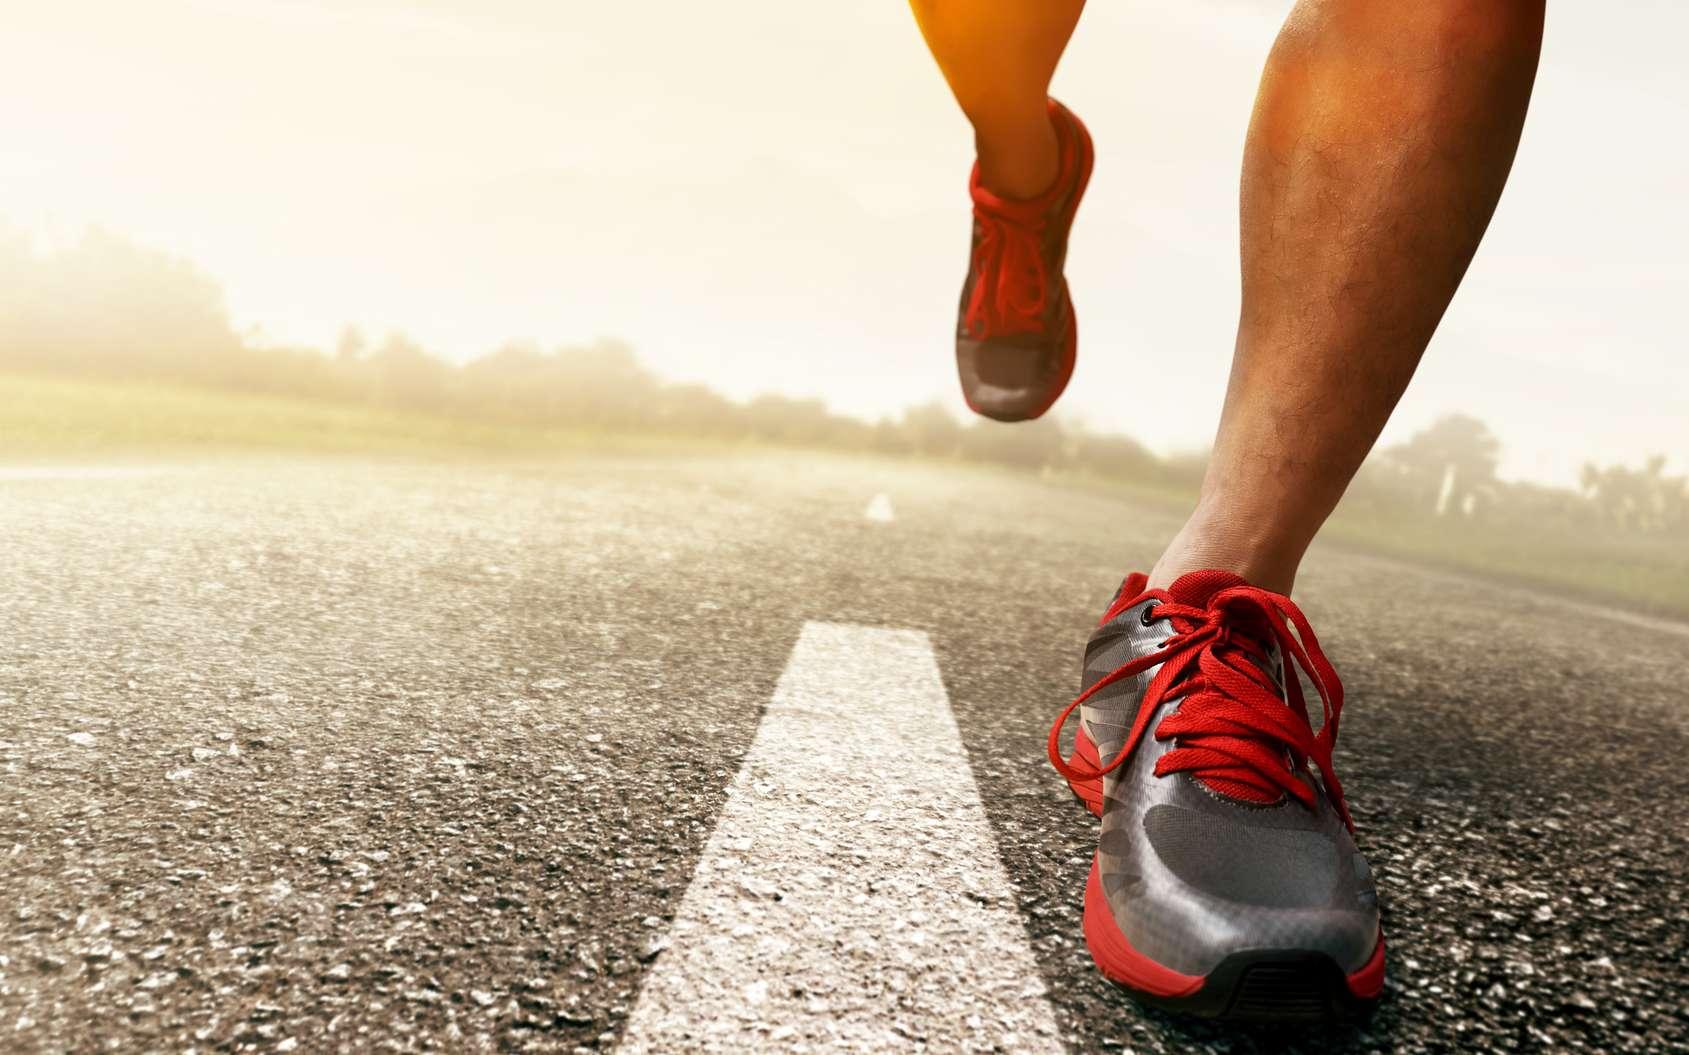 Cours de yoga pour préparer sa course à pied en compétition.